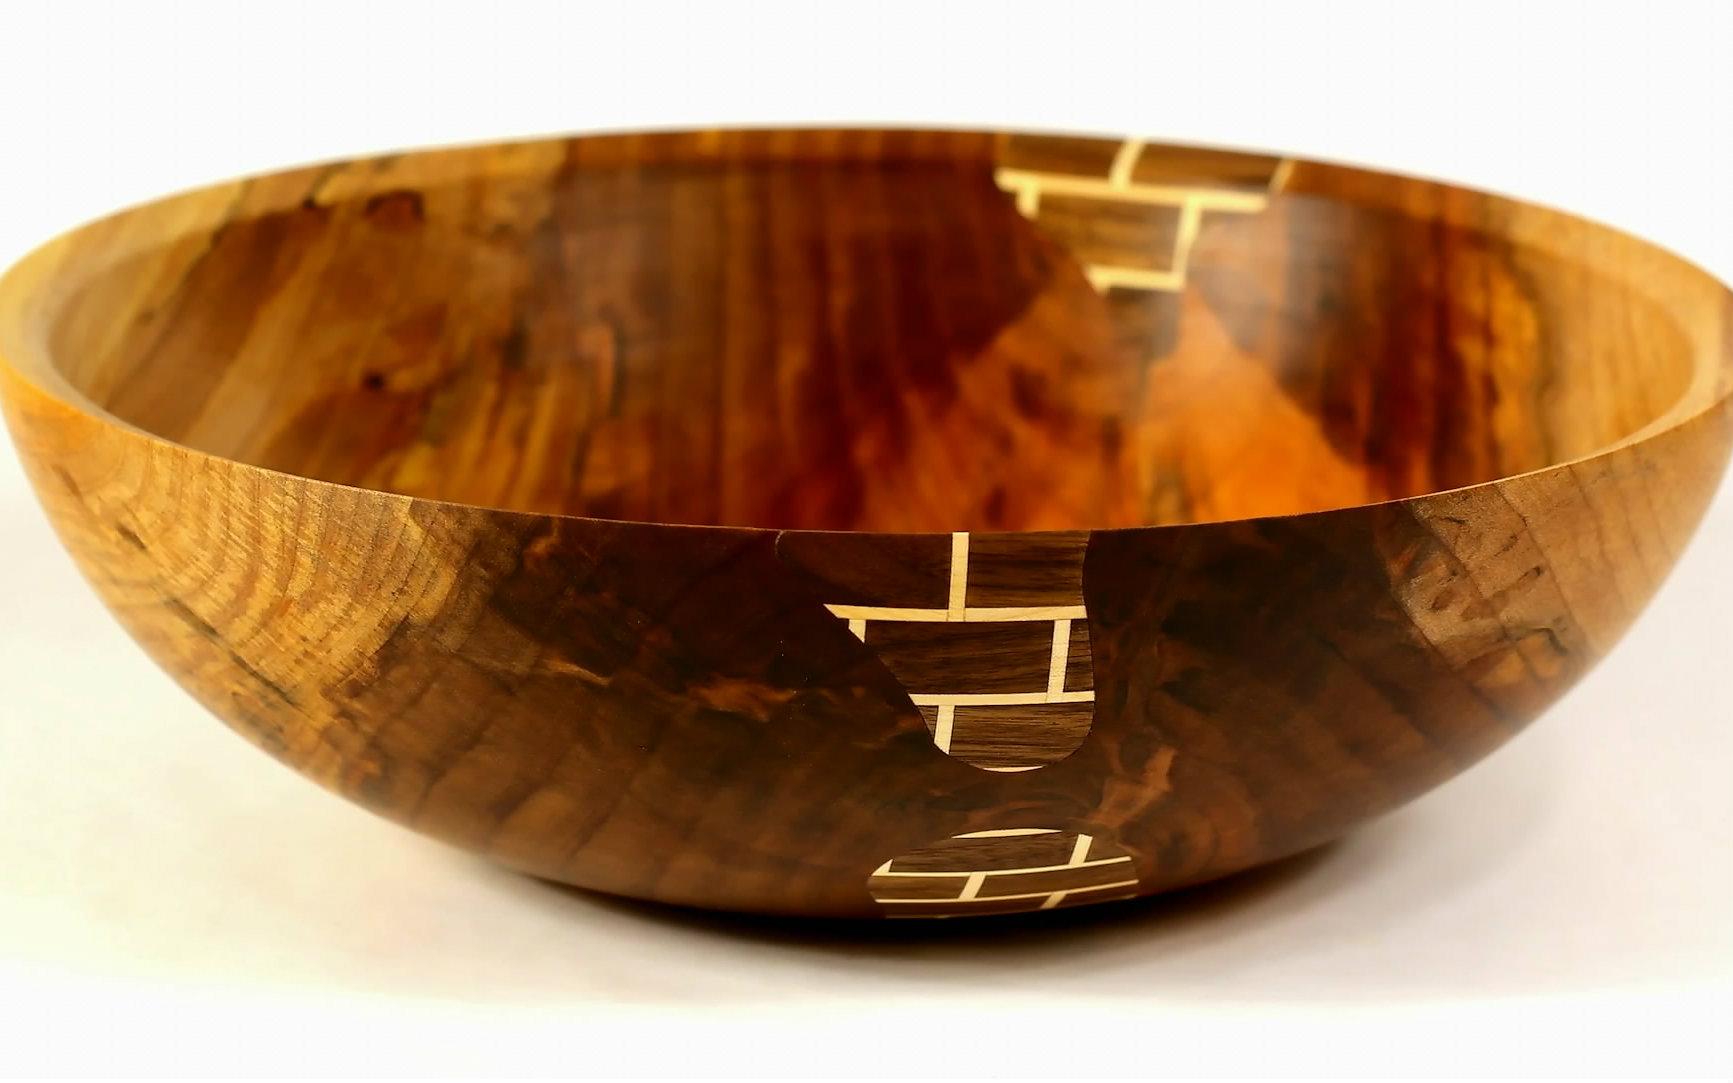 制作一个漂亮的砖块花纹木碗图片